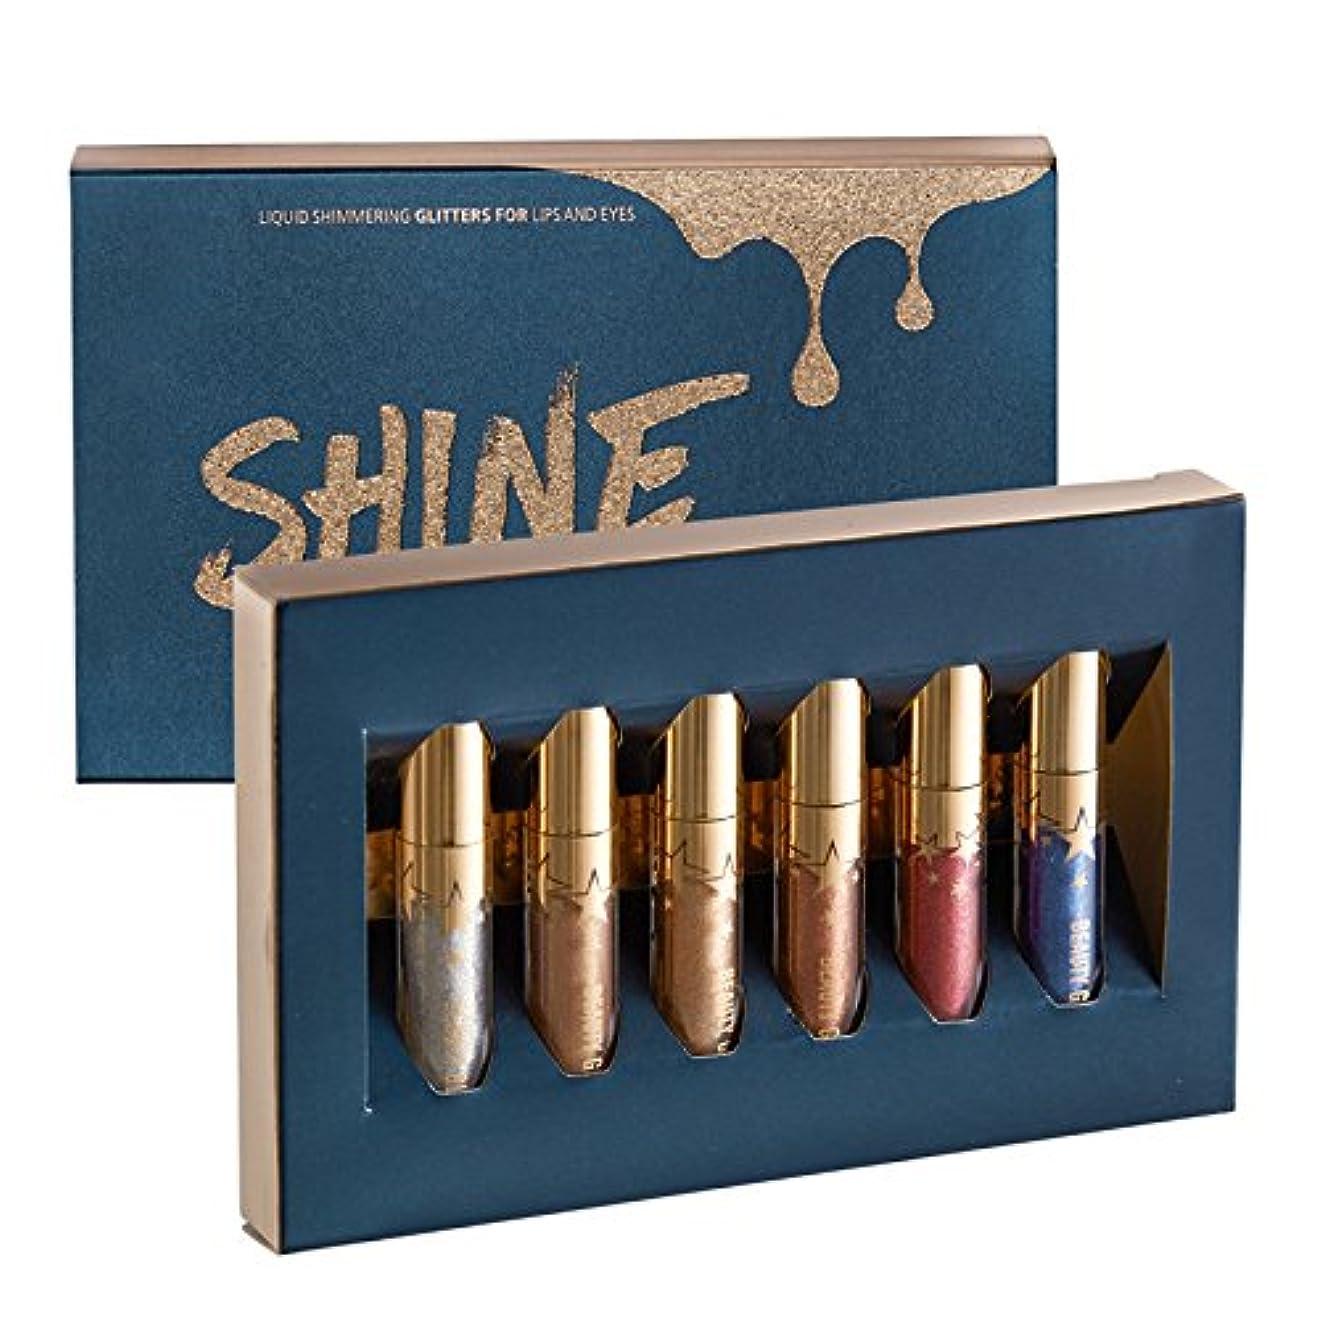 幾分計画的たぶんShineStyle Beauty Glazed 6Pcs/Lot Shime Shine Metallic Liquid Lip Gloss Lime Lip Stick Lipgloss Lipstick Makeup Best Selling 2018 Product